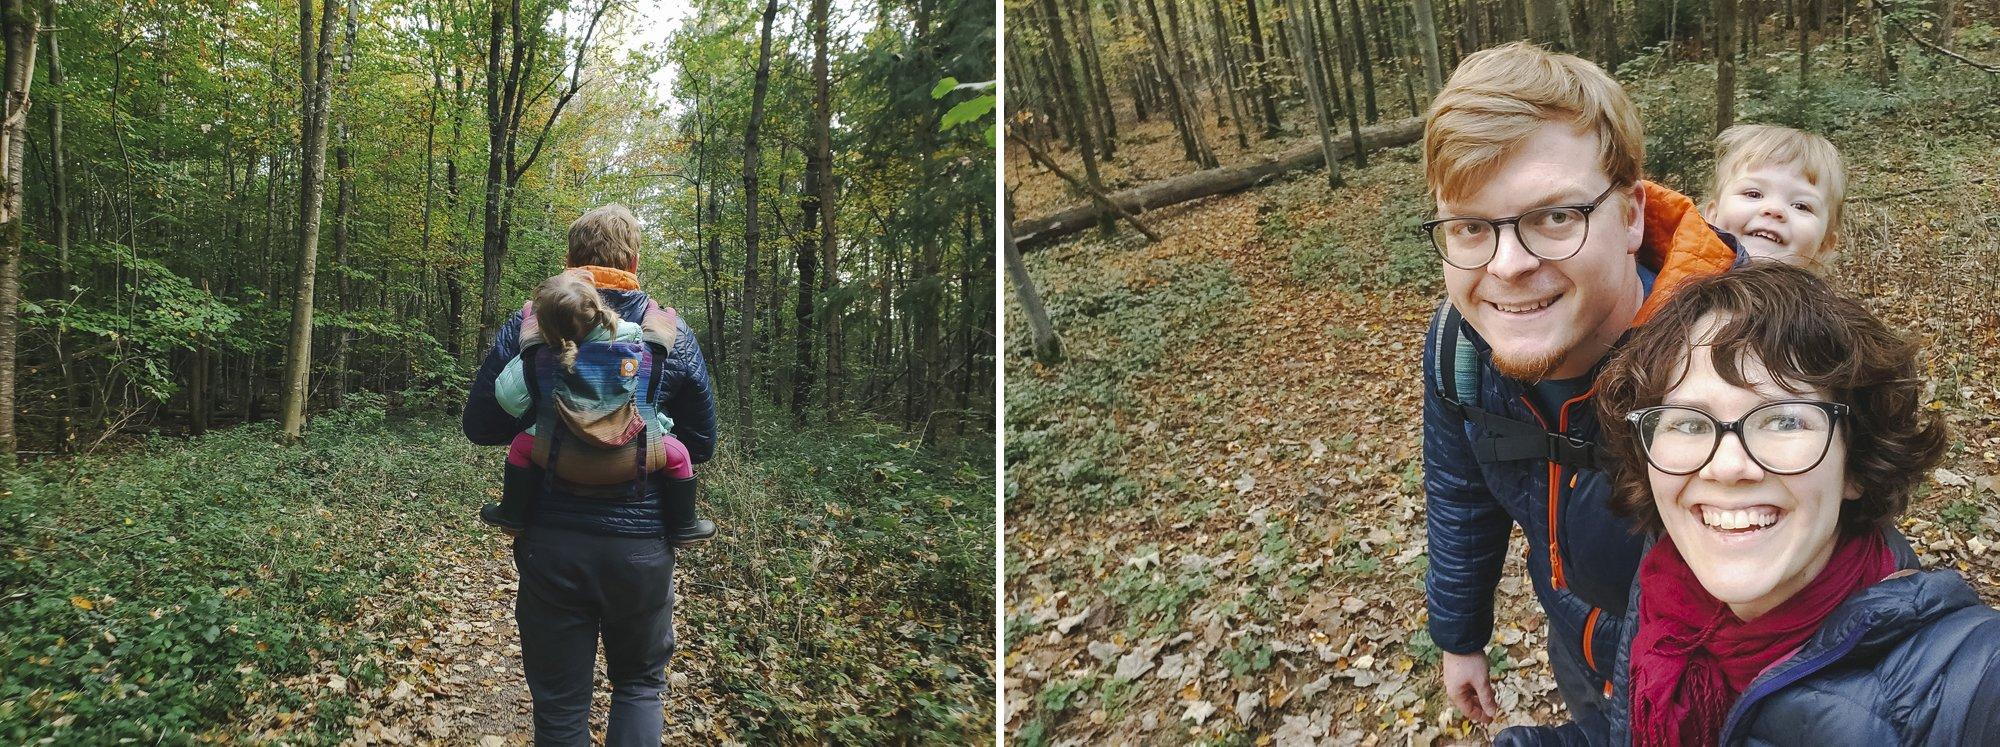 Munich Forest Walks with Kids